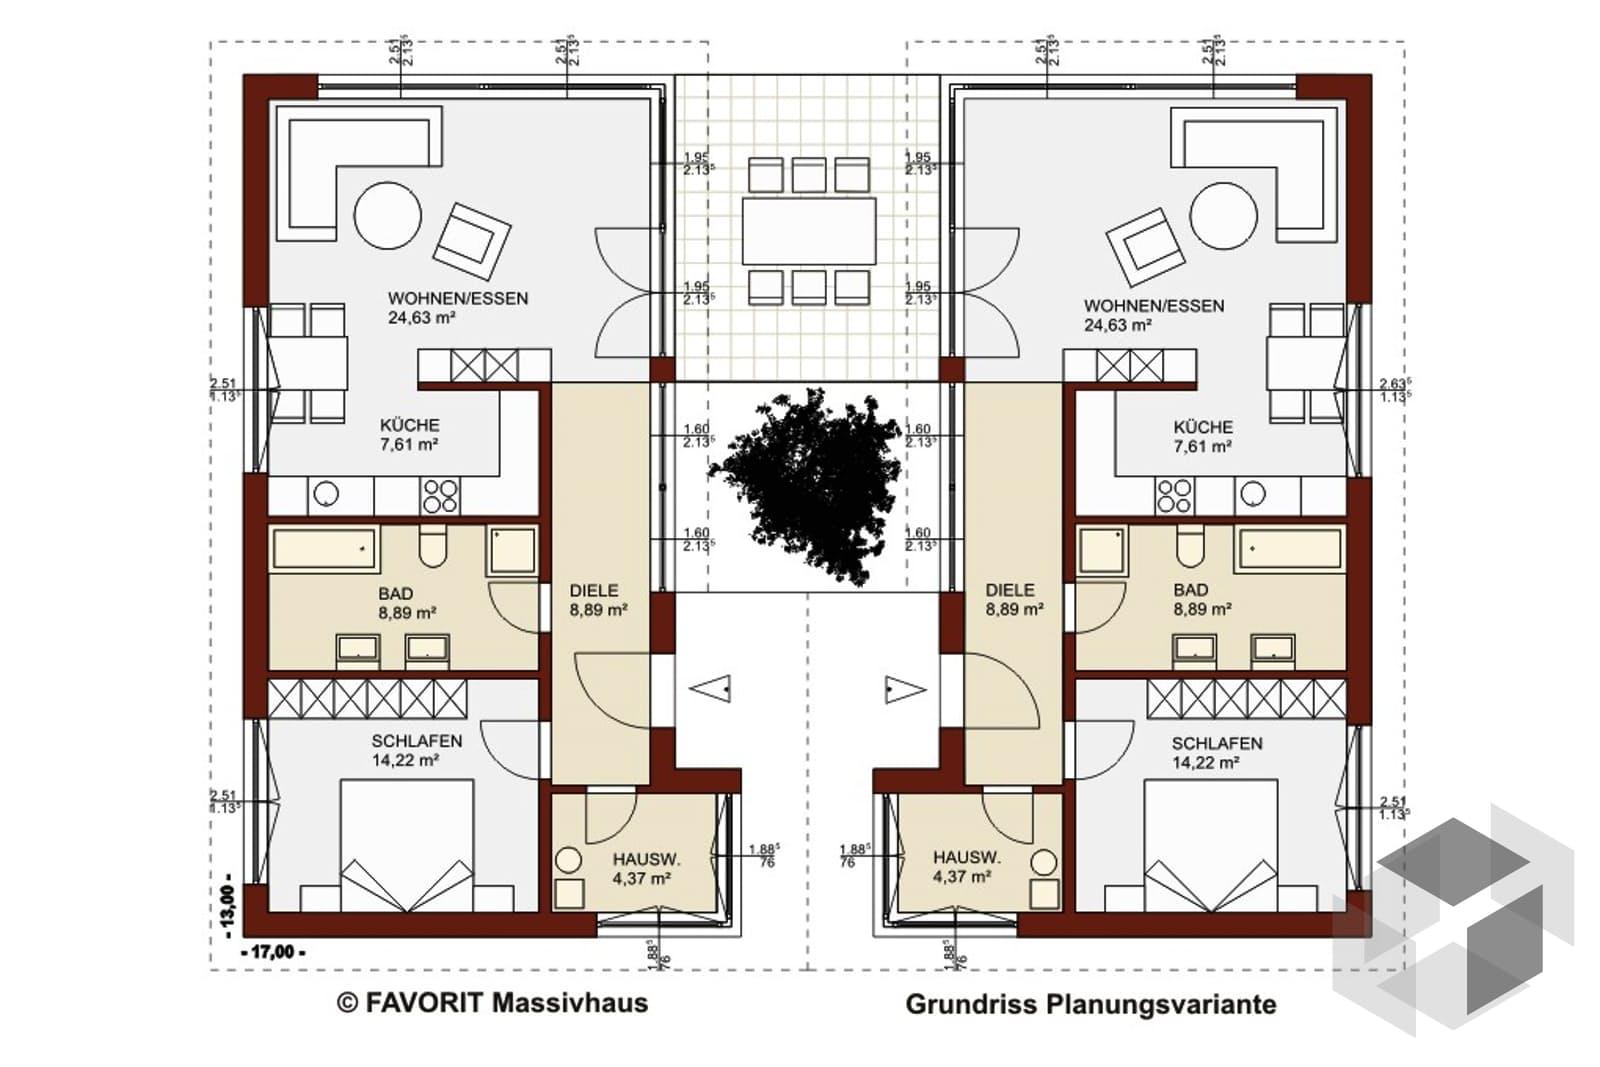 einfamilienhaus chalet  von favorit massivhaus